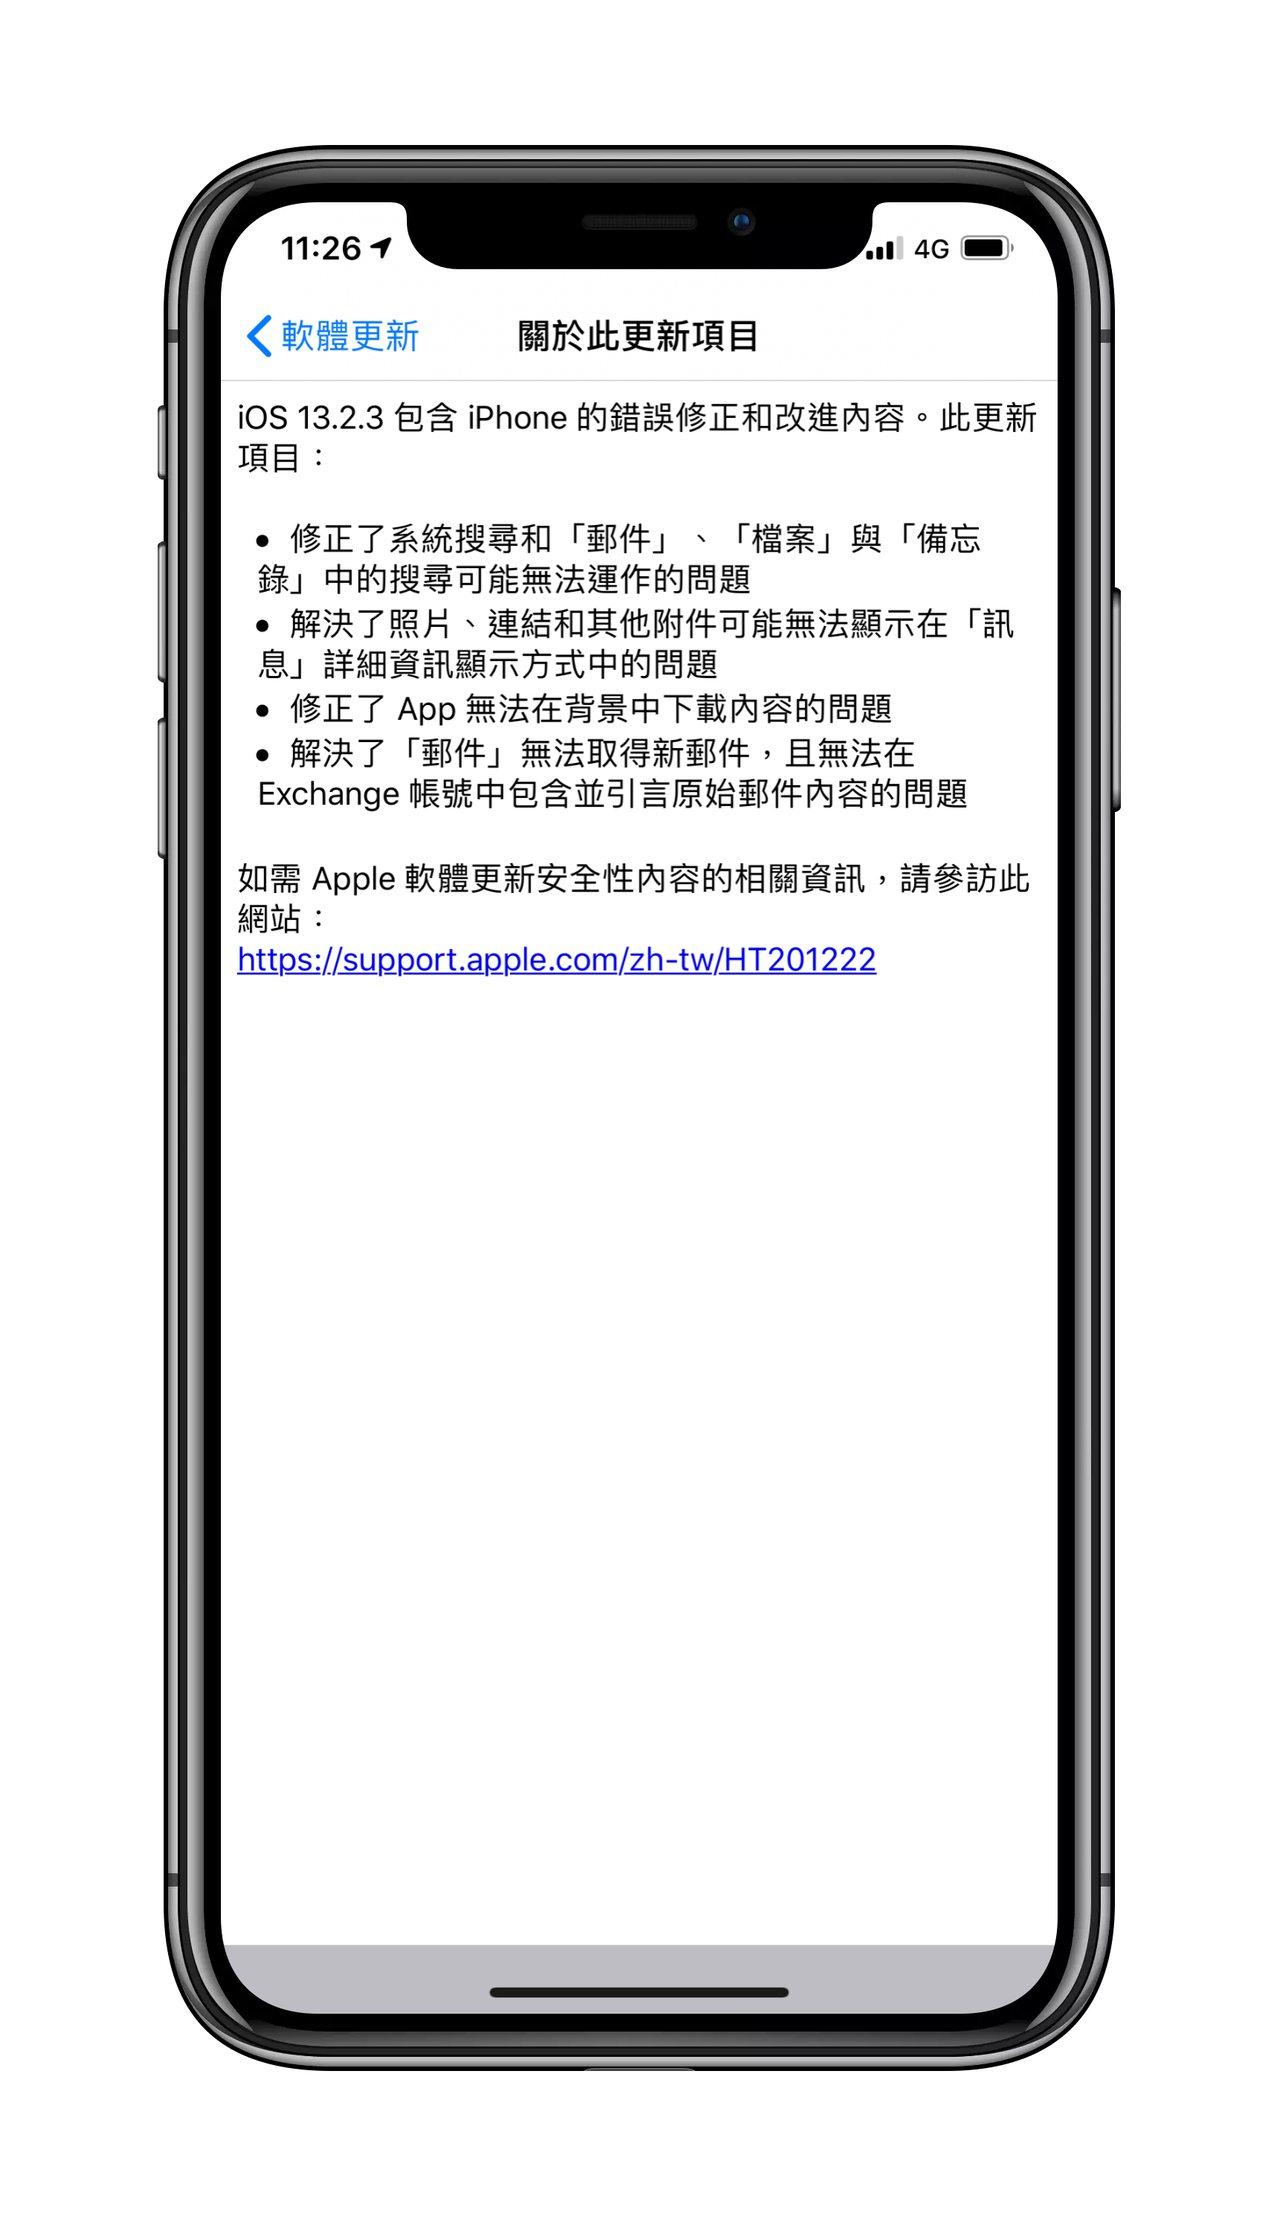 蘋果今釋出iOS 13.2.3更新。記者黃筱晴/攝影